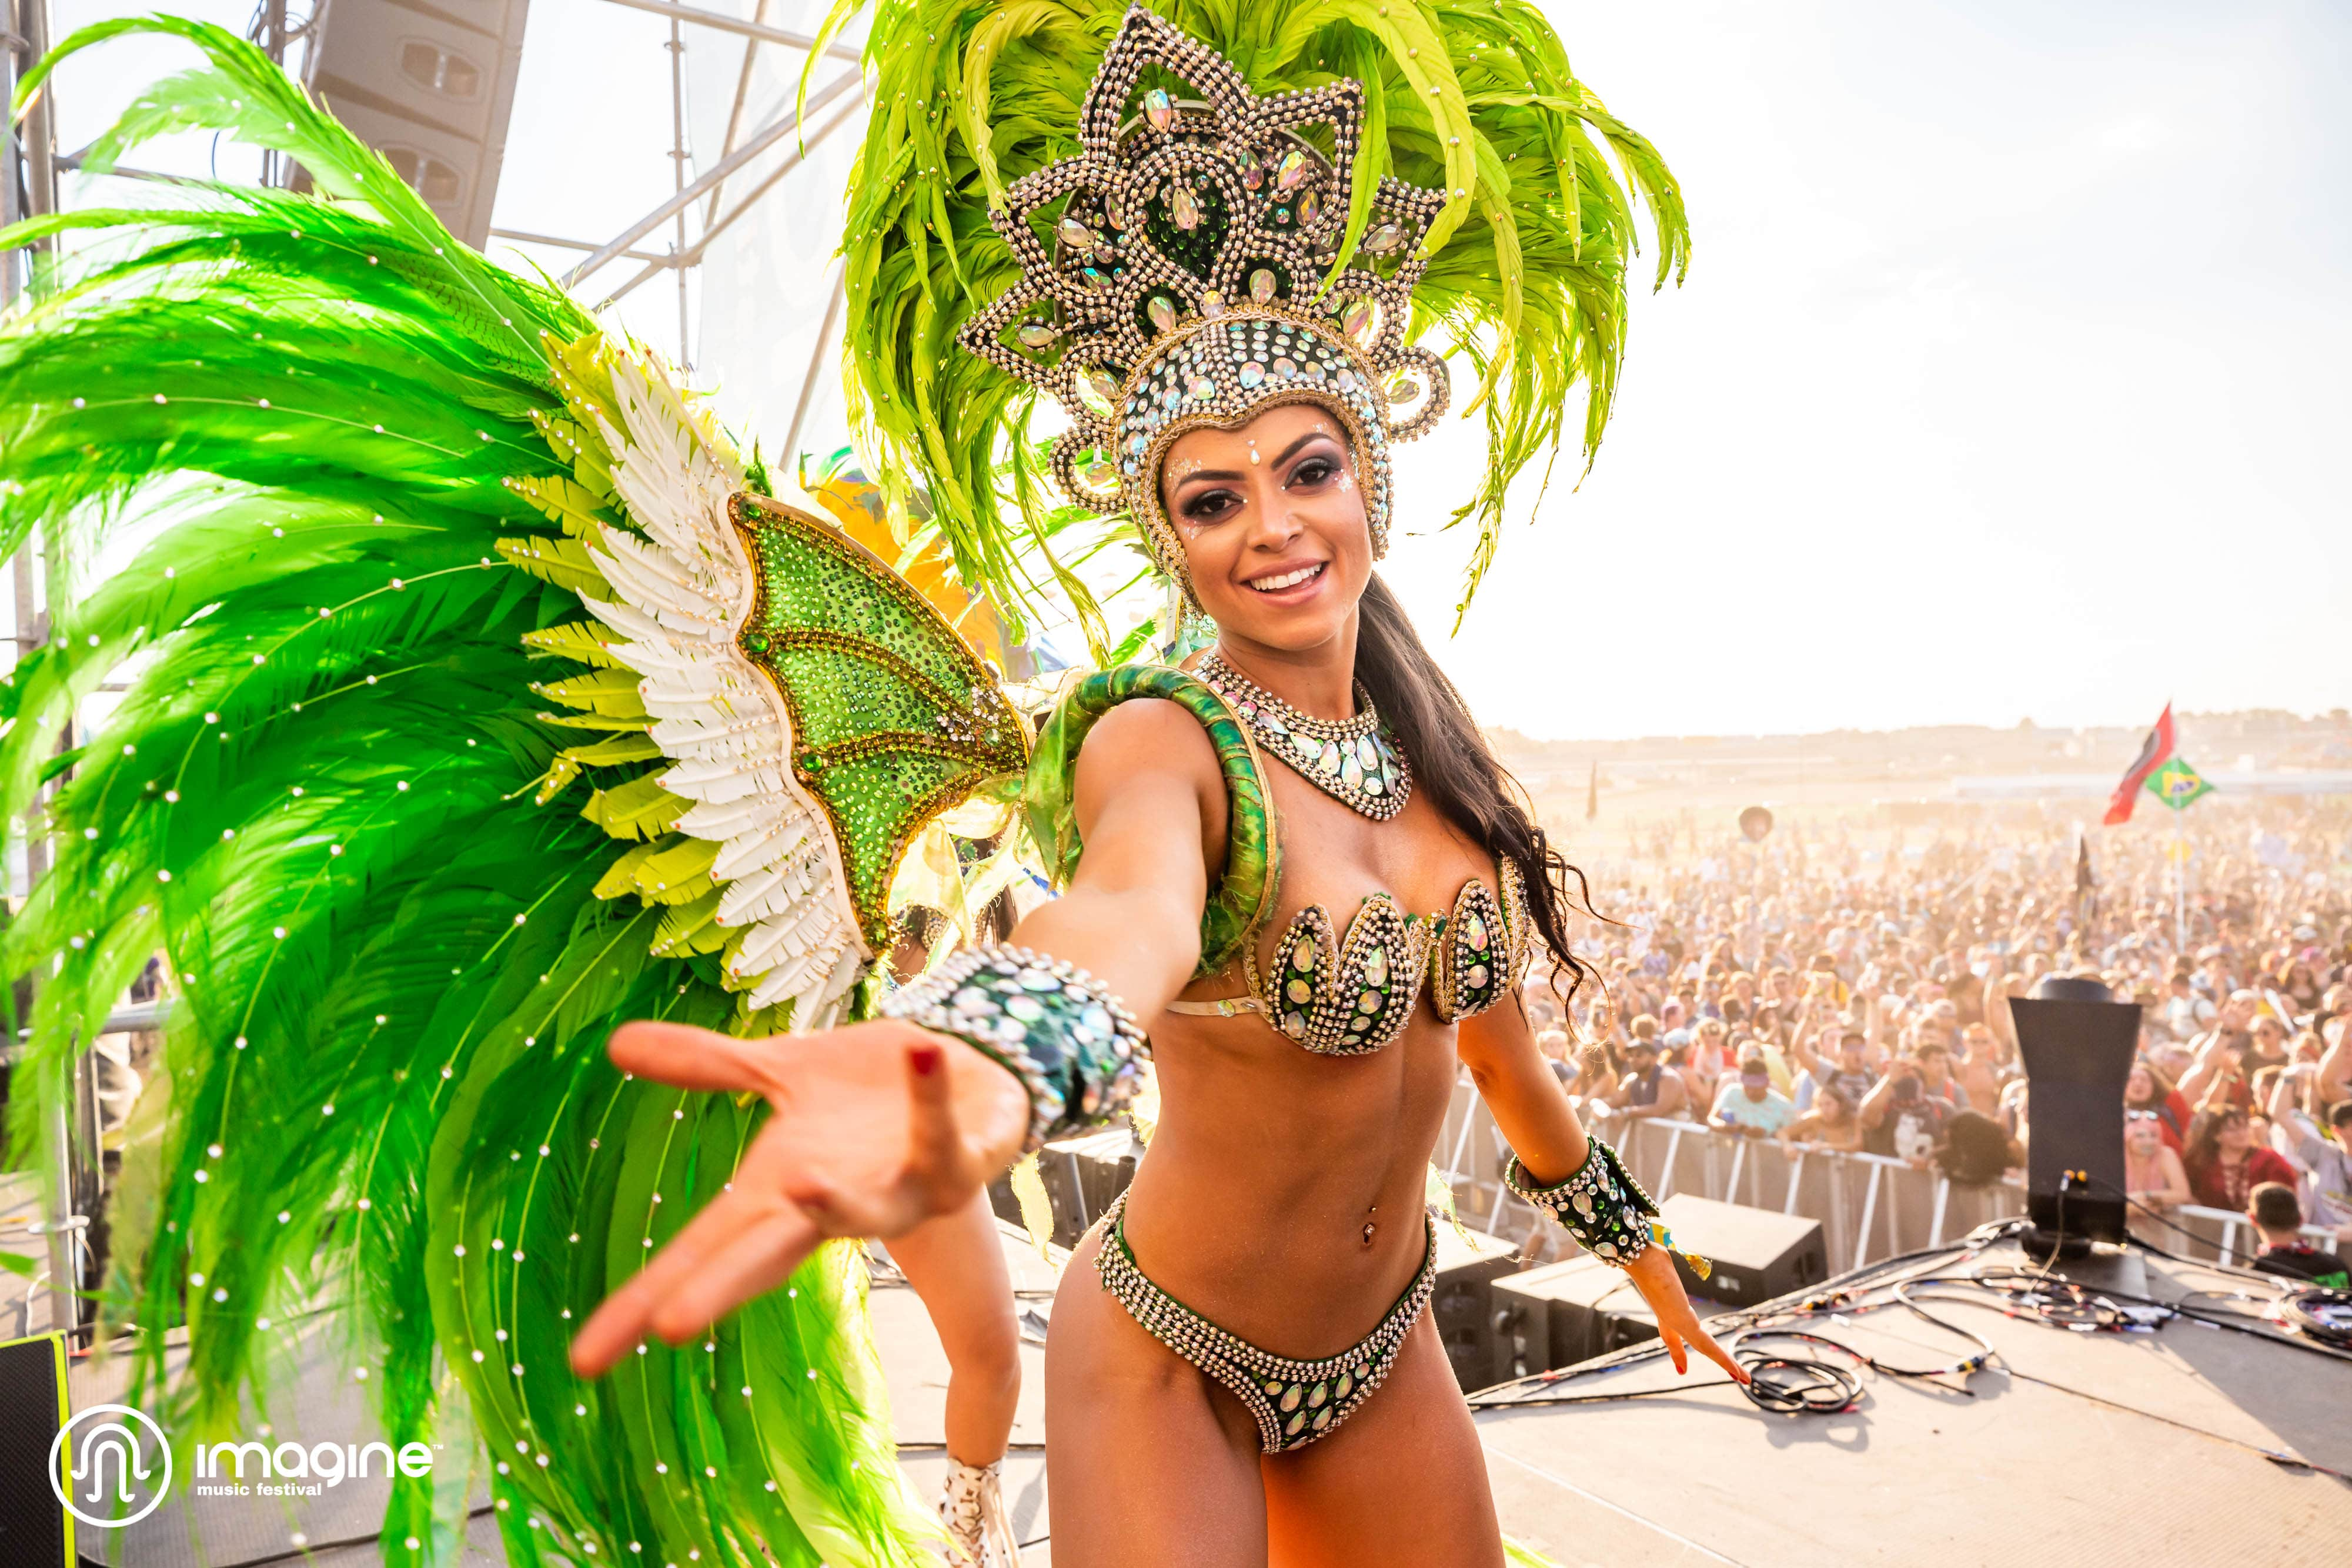 Imagine Festival circus performer